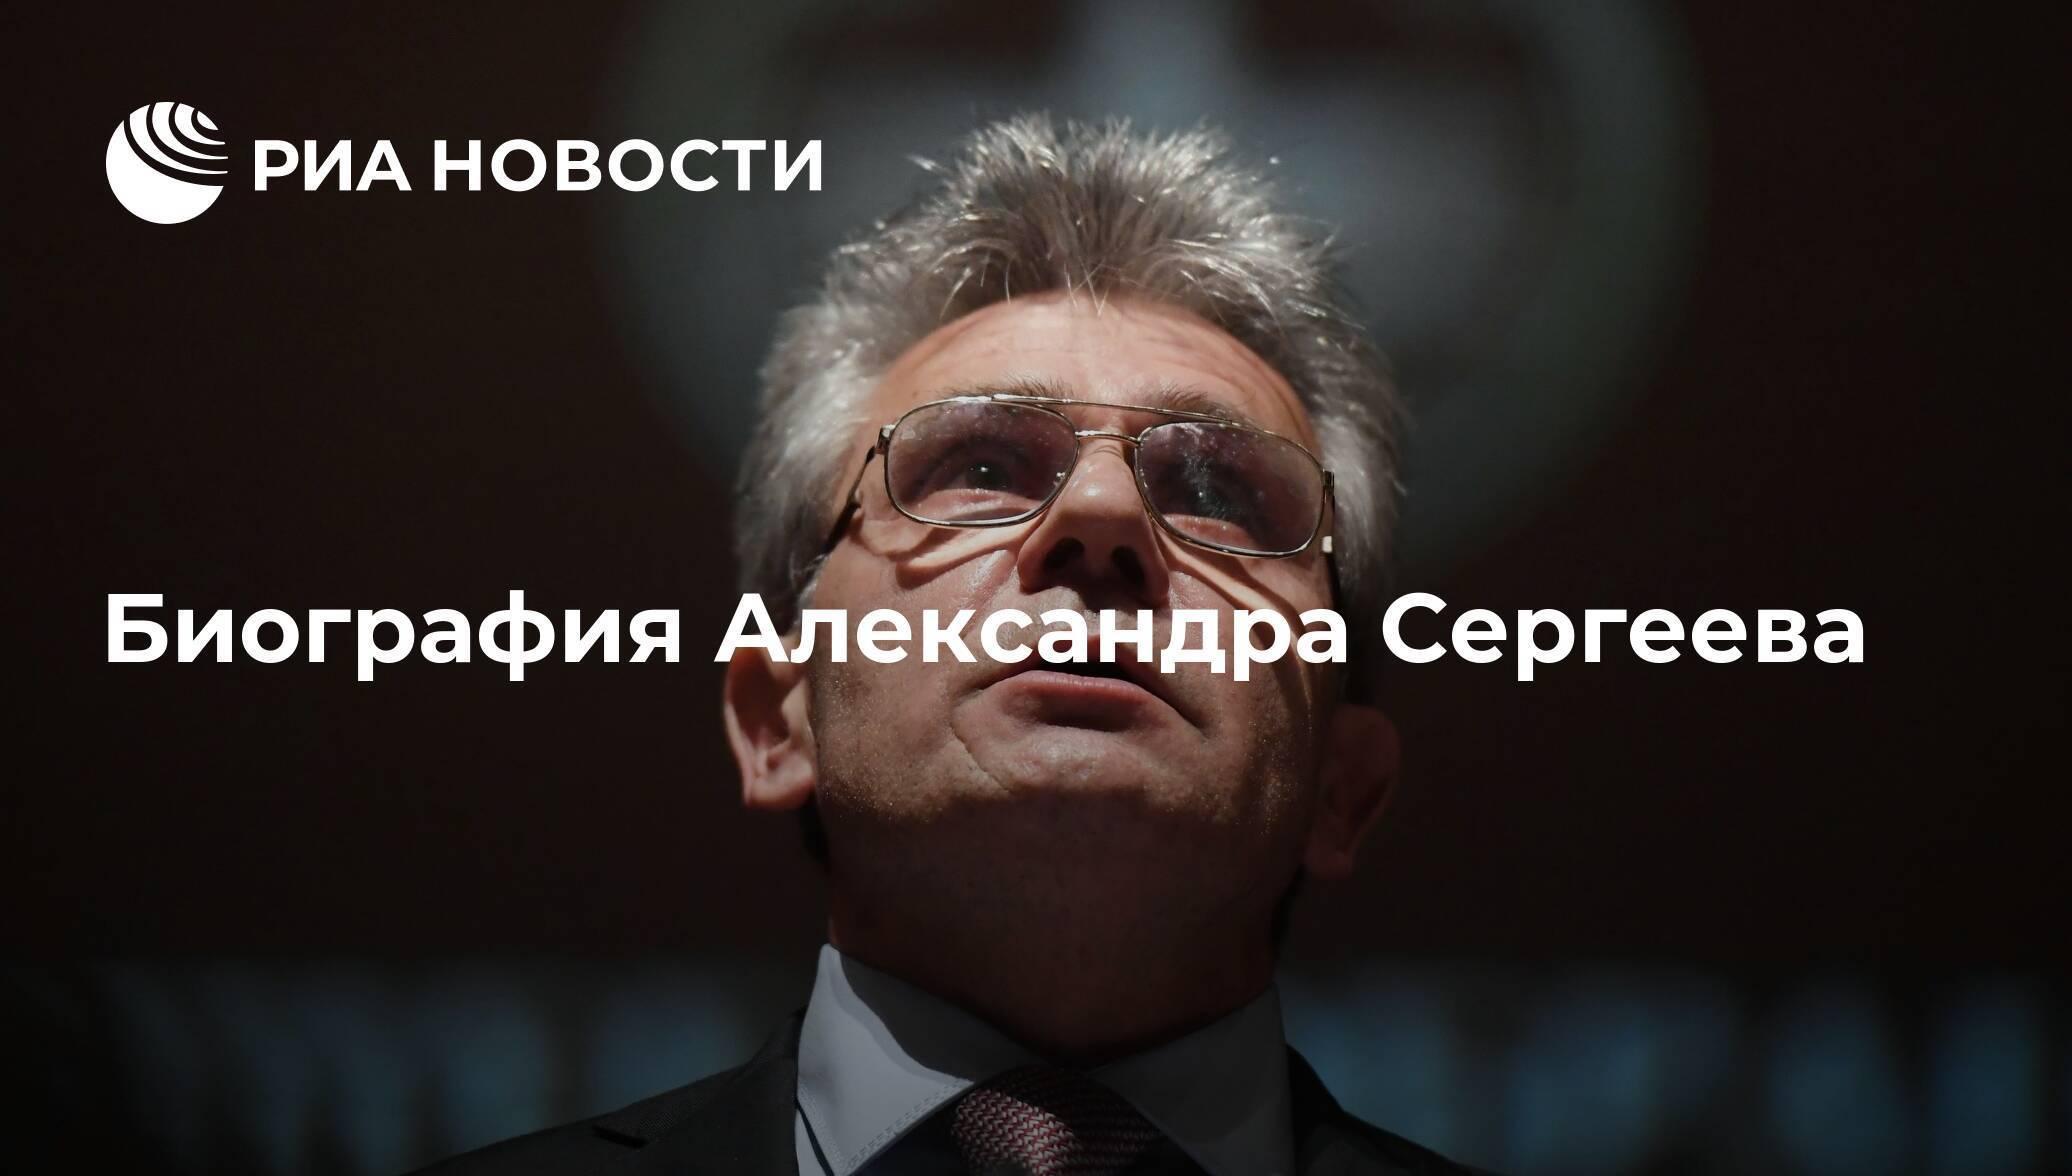 Антон сергеев: биография и дата рождения, жена и карьера, инстаграм и фото